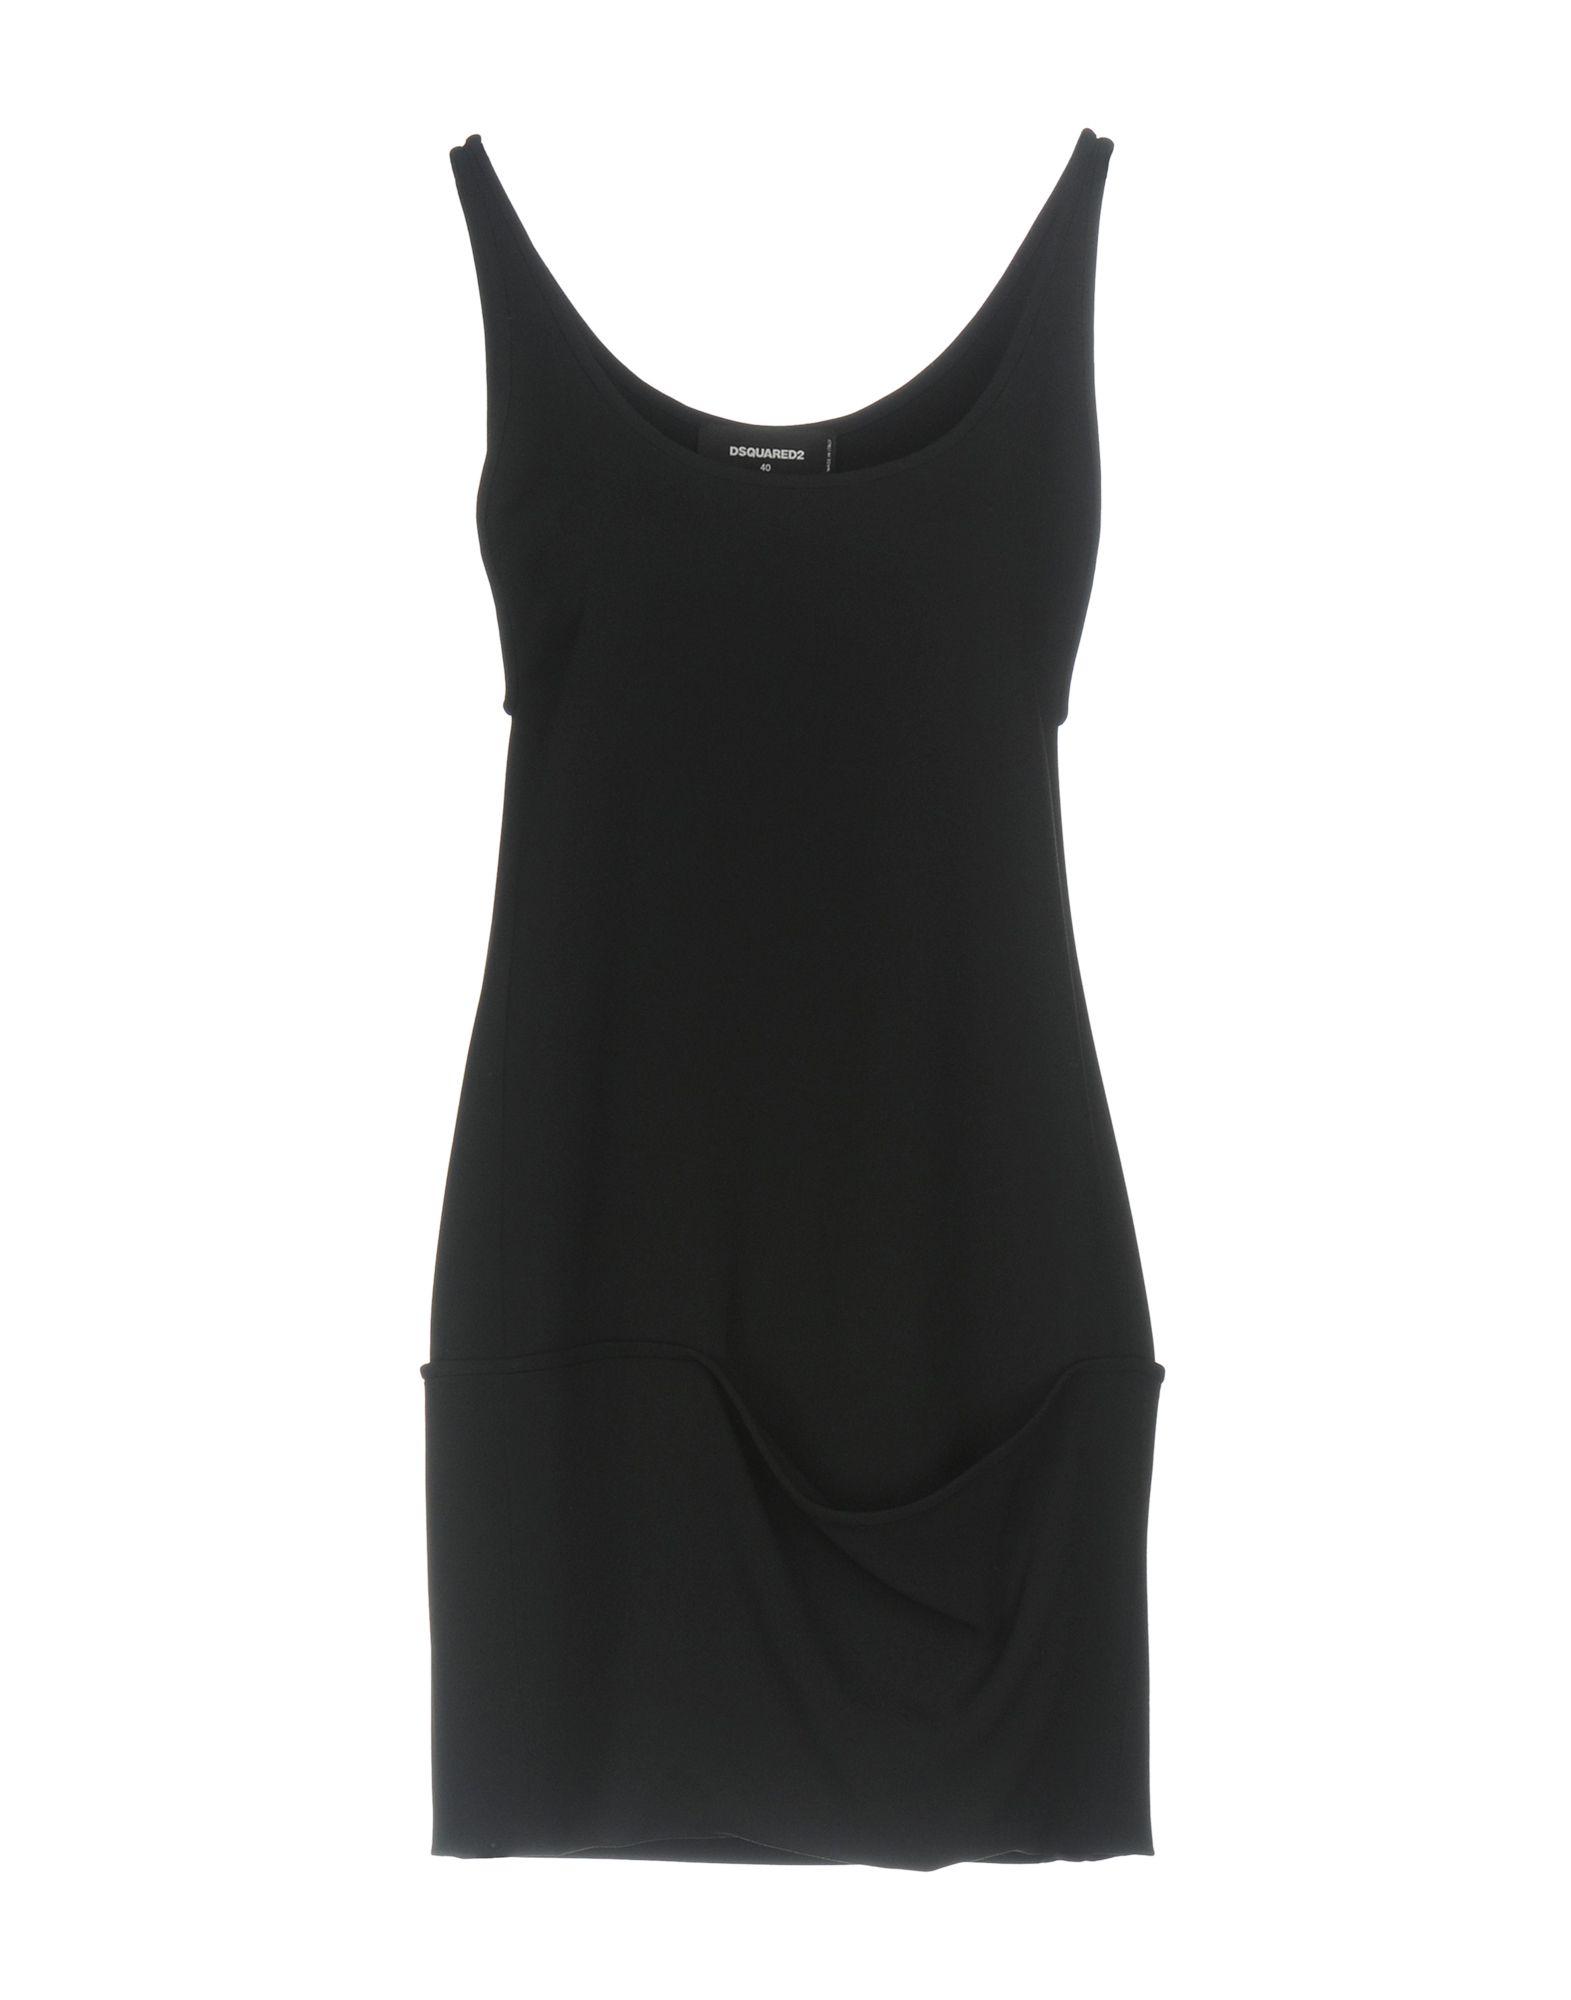 DSQUARED2 Damen Kurzes Kleid Farbe Schwarz Größe 5 jetztbilligerkaufen